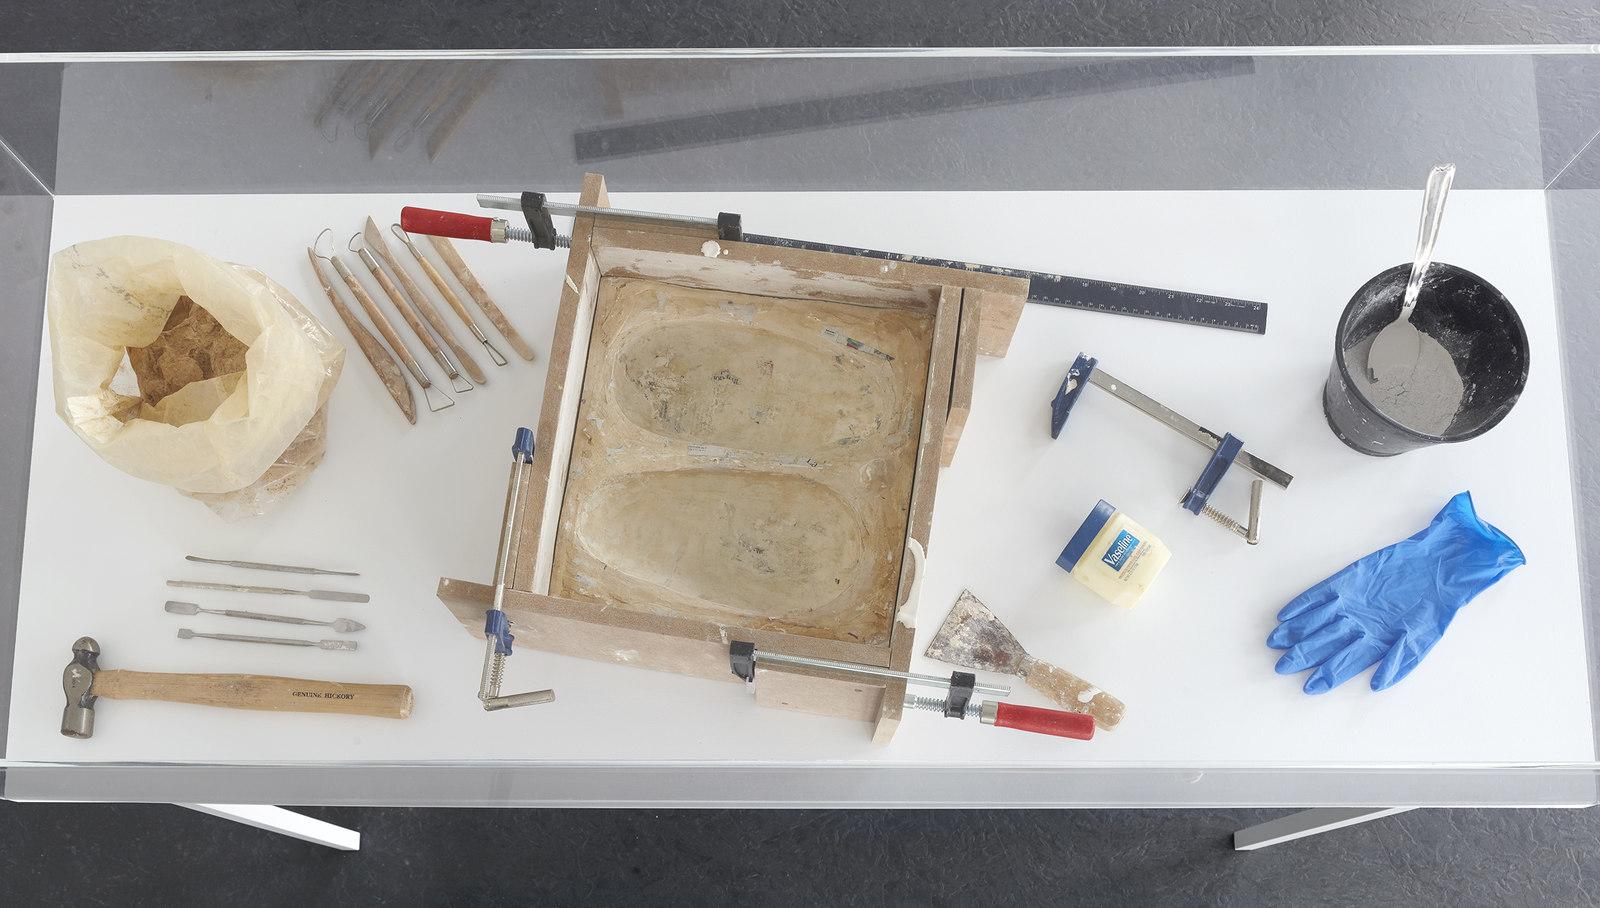 5_Shelly Nadashi NESTING BOX, Installation View_Dortmunder Kunstverein, Photo Simon Vogel